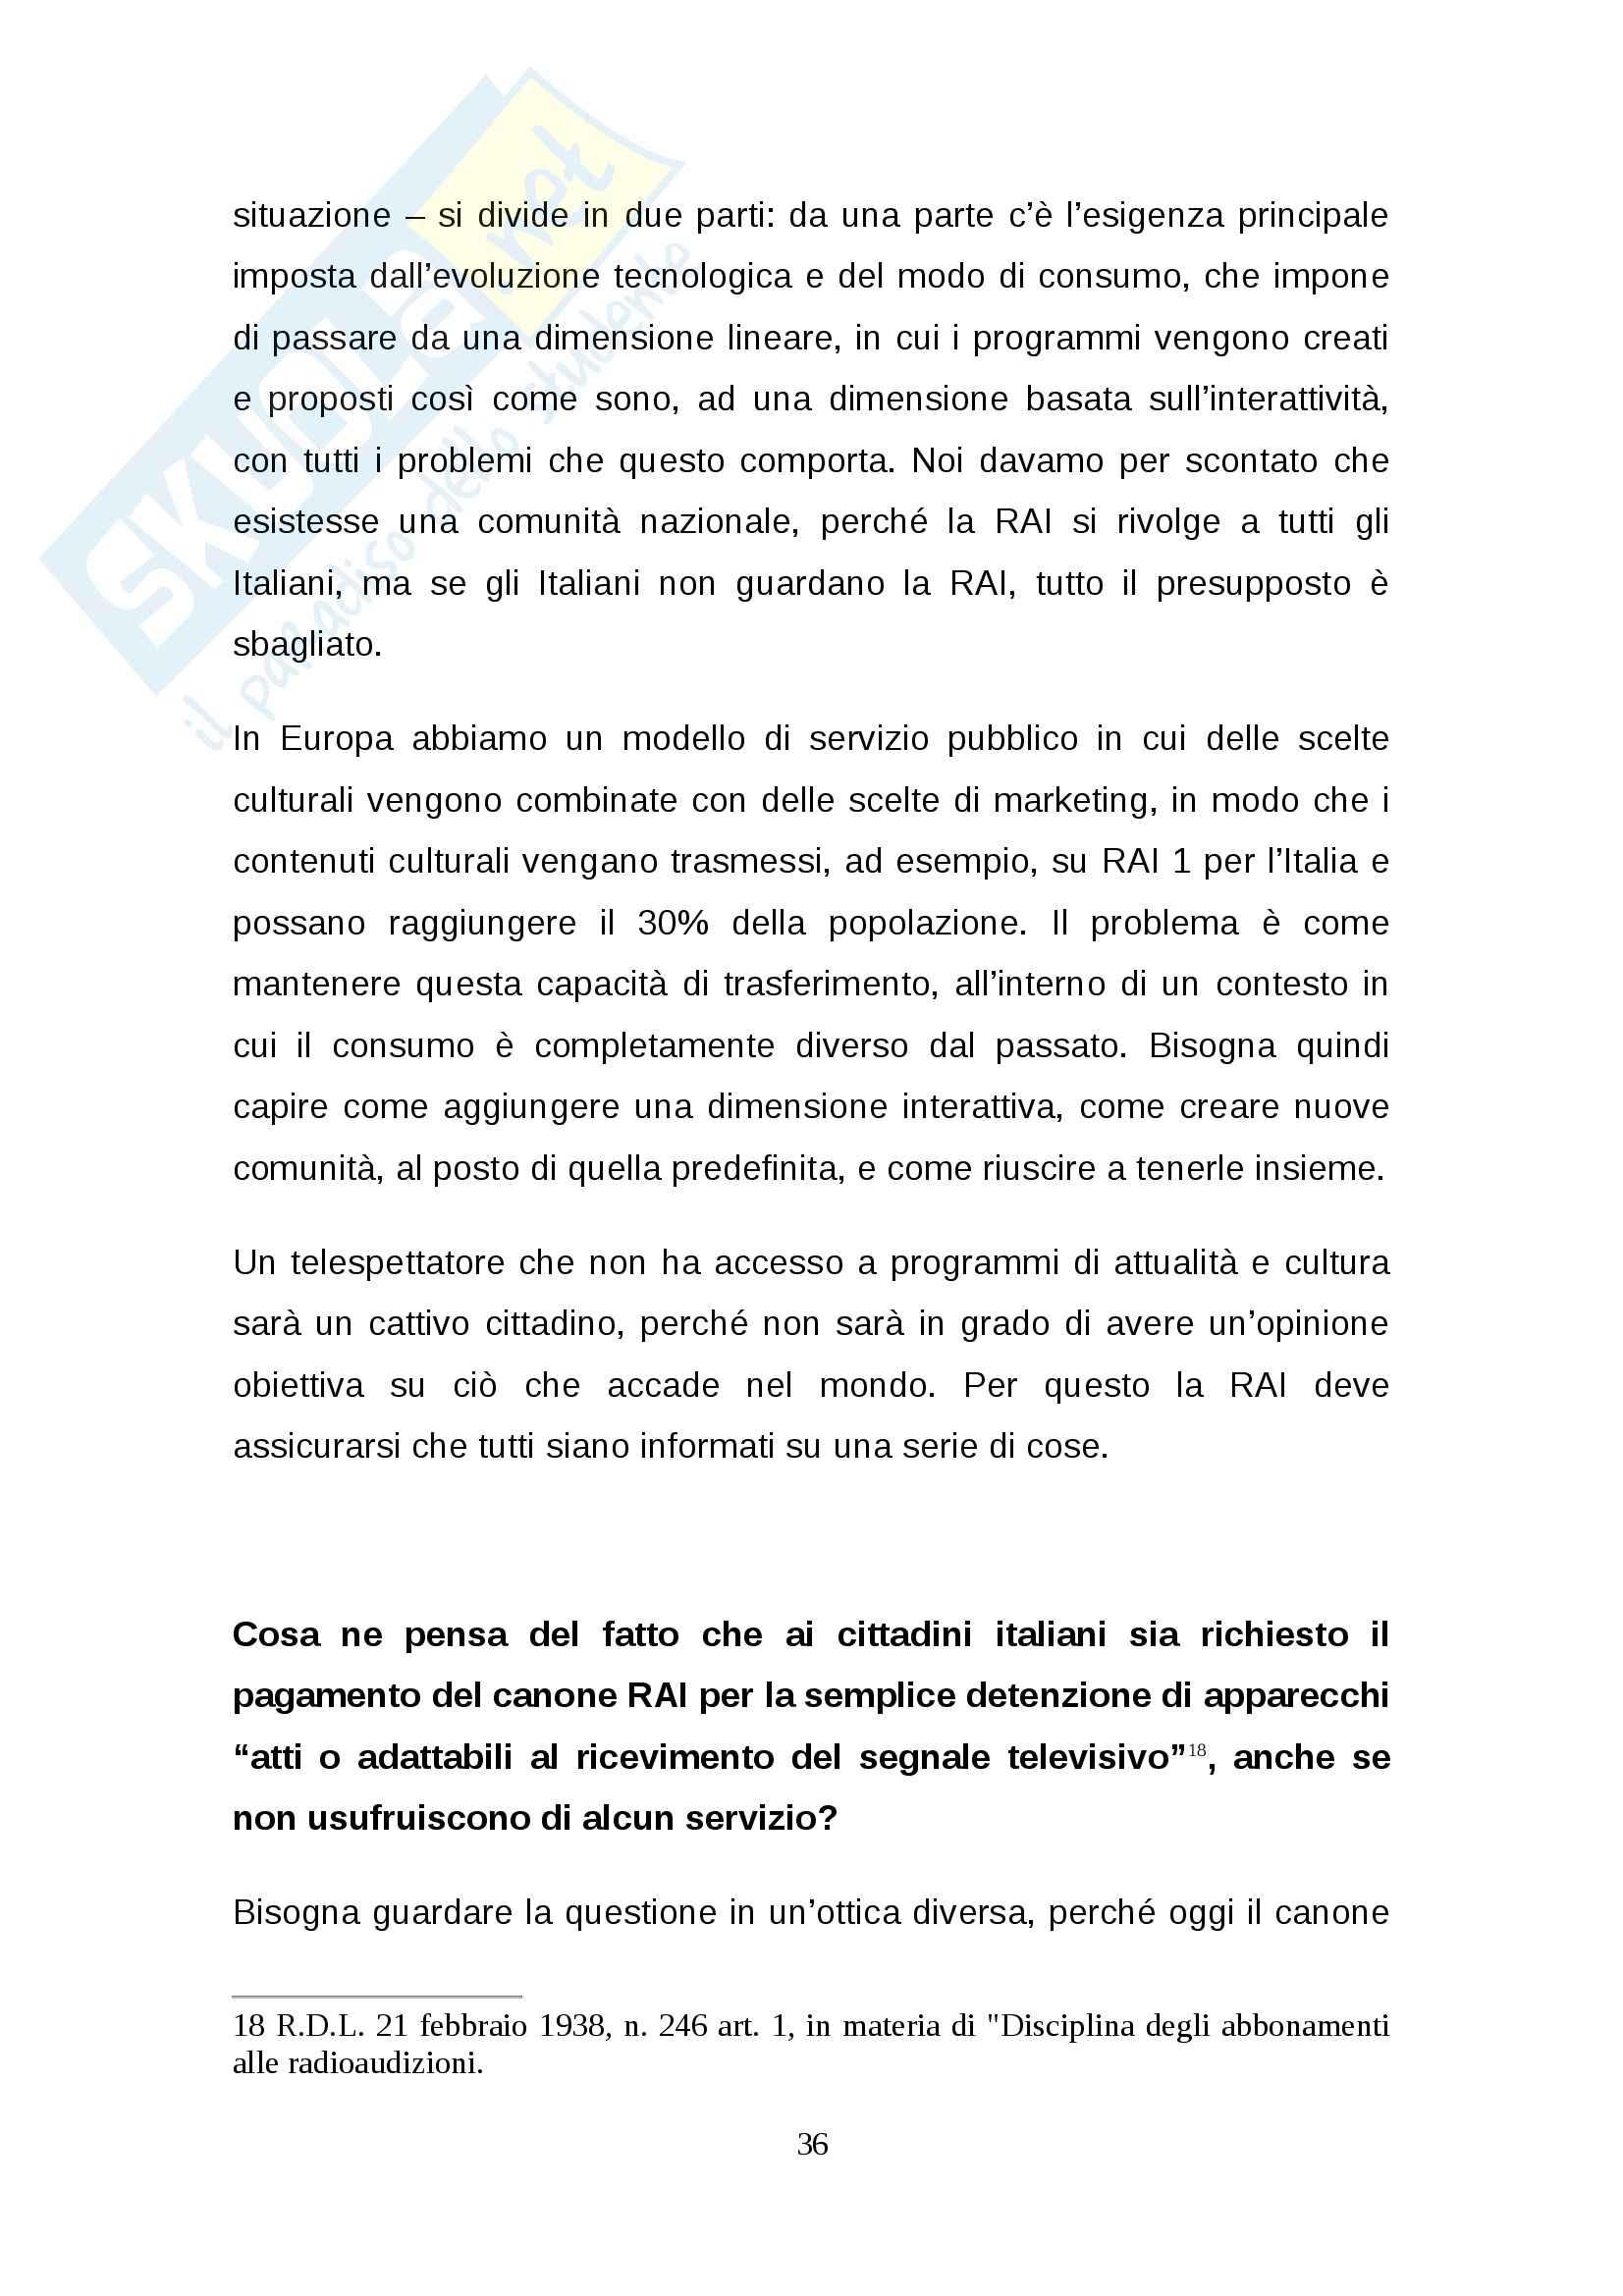 Tesi: Rinnovo della concessione pubblica Stato-RAI: regole e dibattito Pag. 36